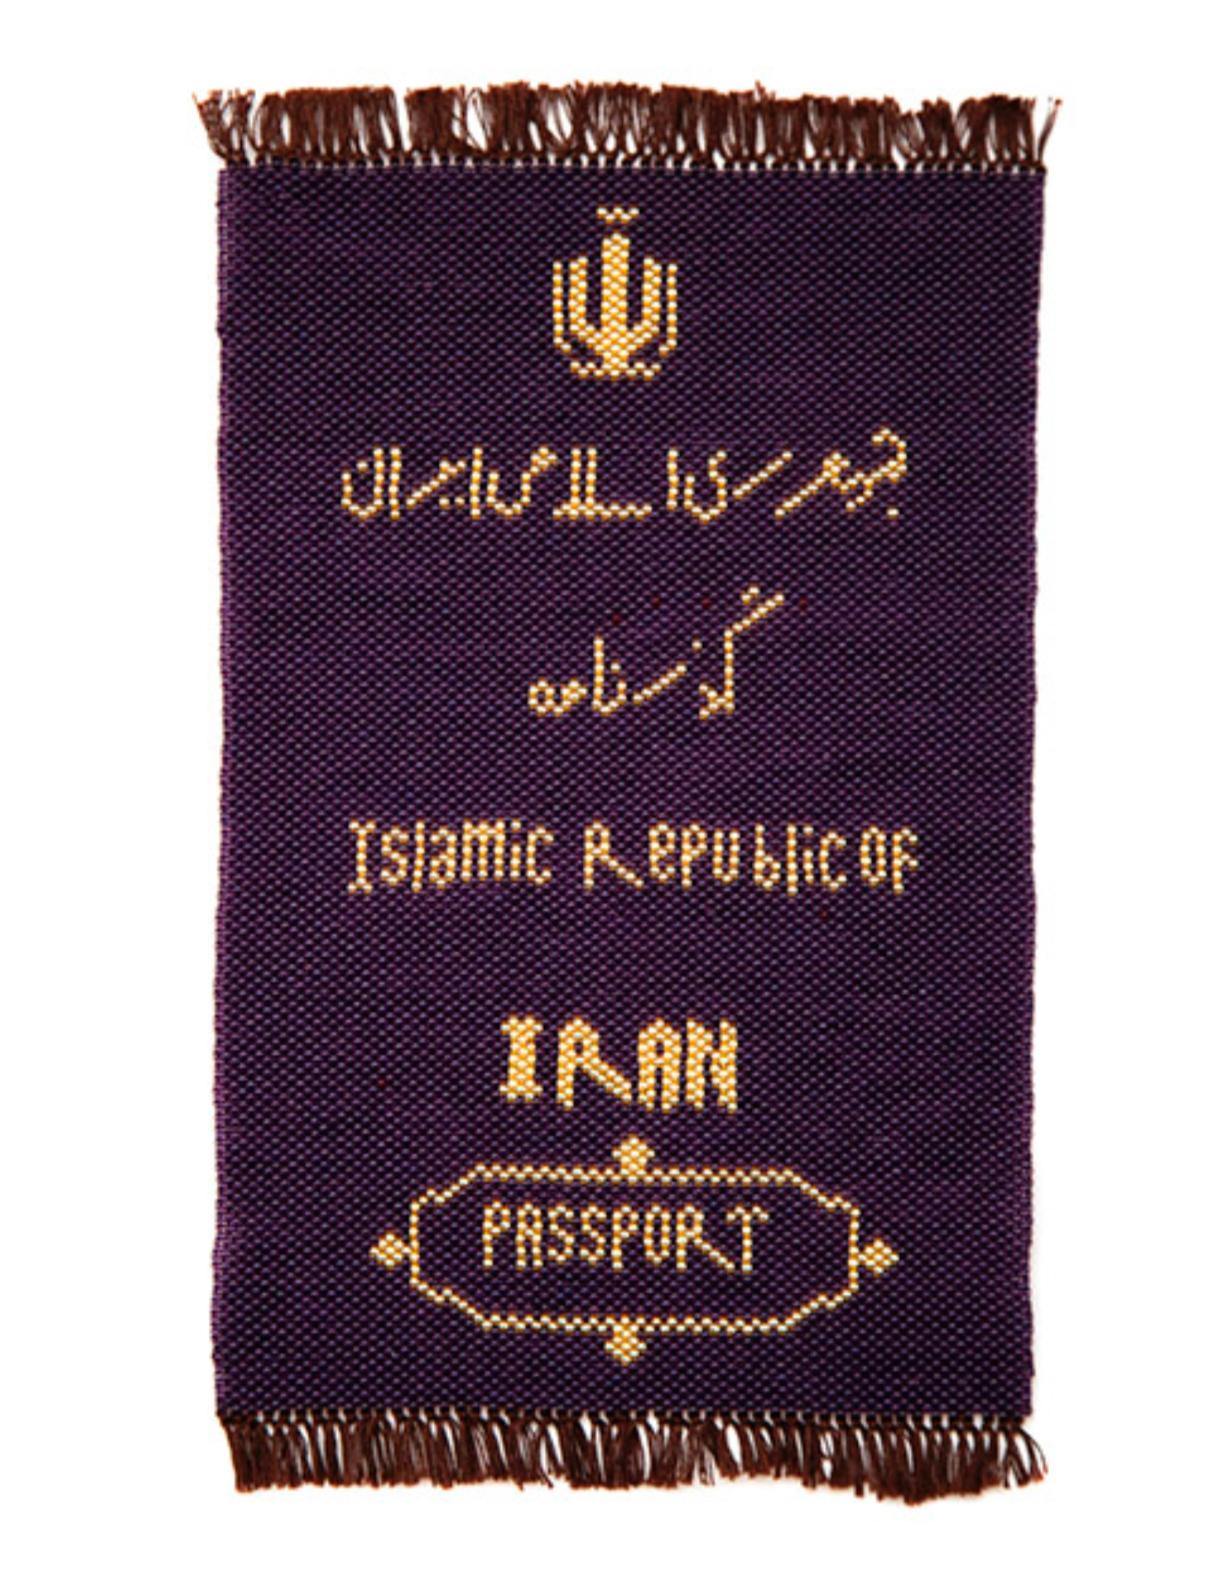 Dzamil Kamangar, My Iranian Passport, bead knitting, 28 x 16 cm, 2016